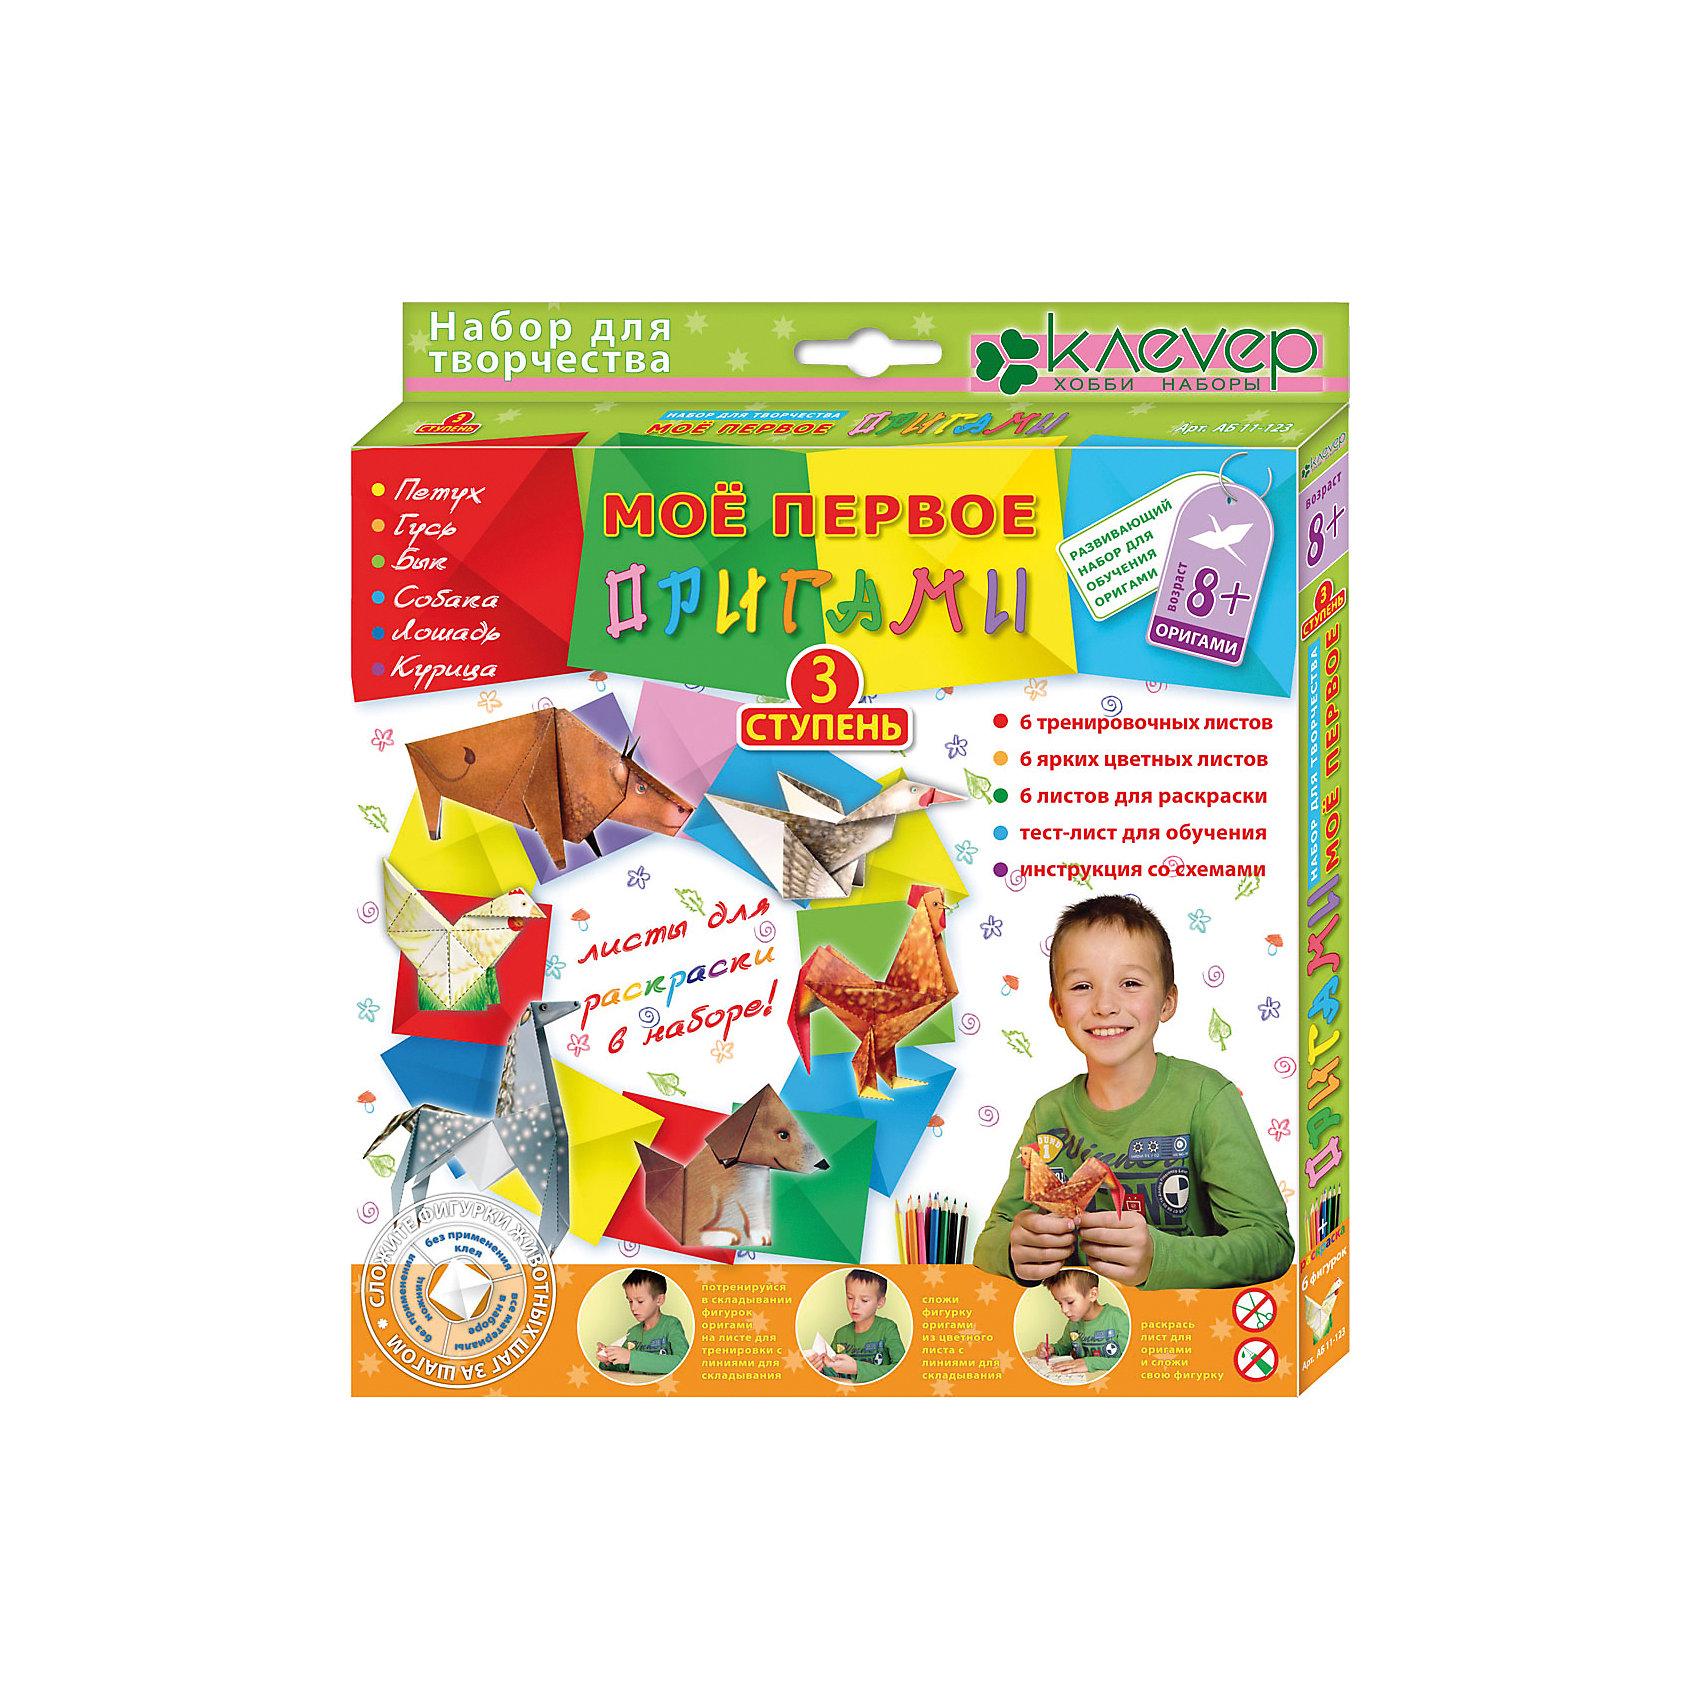 Набор для изготовления фигурок Мое первое оригами 3-ая ступеньРукоделие<br>6 тренировочных листов, 6 цветных листов, 6 листов для раскраски – все листы с пунктирными линиями для облегчения складывания, 1 тест-лист для обучения оригами, книжка-инструкция<br><br>Ширина мм: 230<br>Глубина мм: 210<br>Высота мм: 180<br>Вес г: 62<br>Возраст от месяцев: 96<br>Возраст до месяцев: 144<br>Пол: Унисекс<br>Возраст: Детский<br>SKU: 5541594